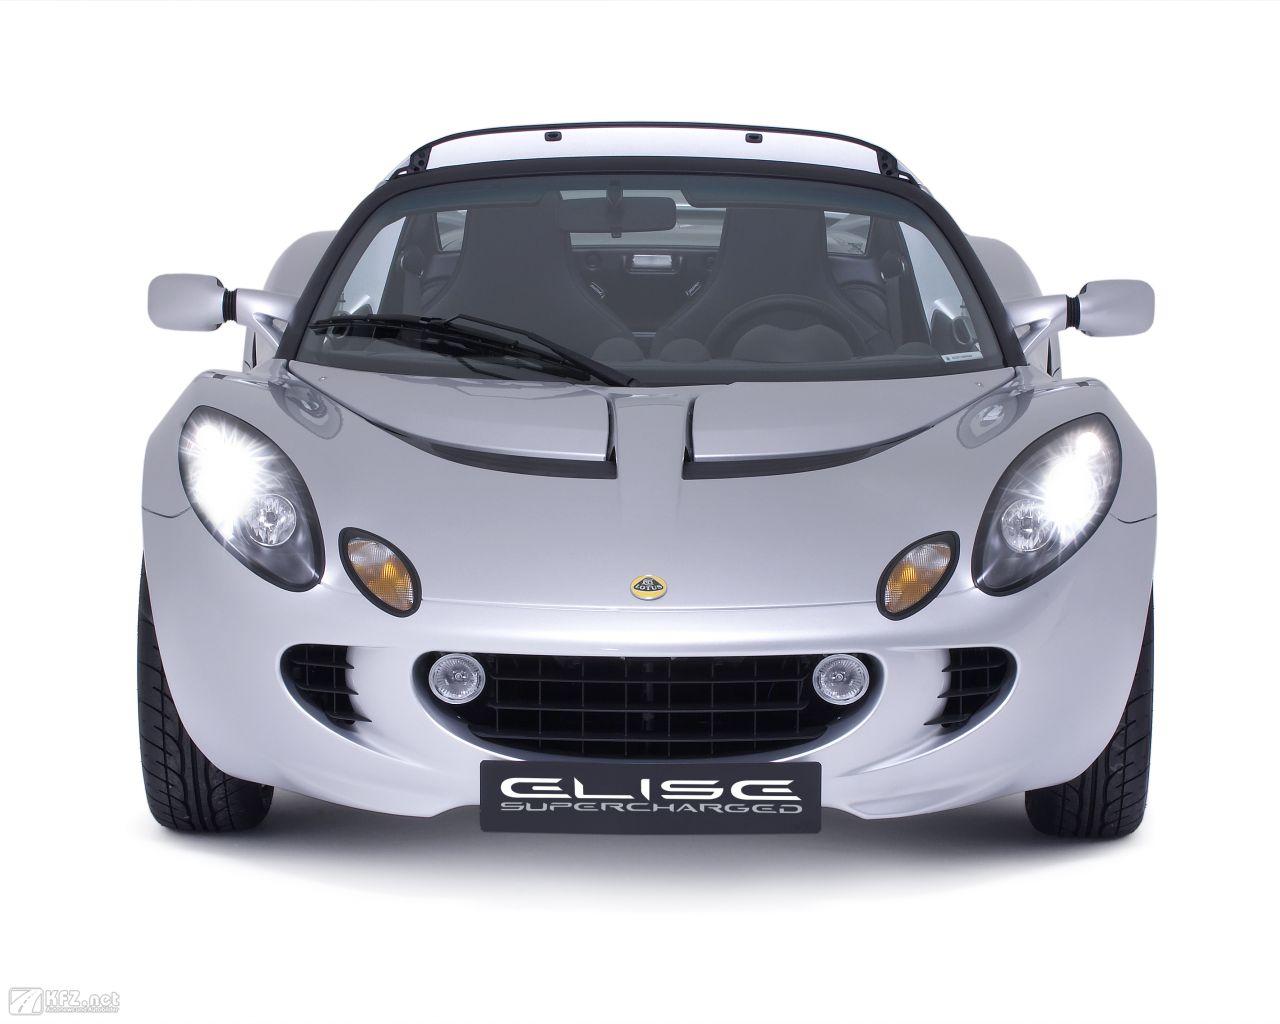 lotus-elise-1280x1024-131